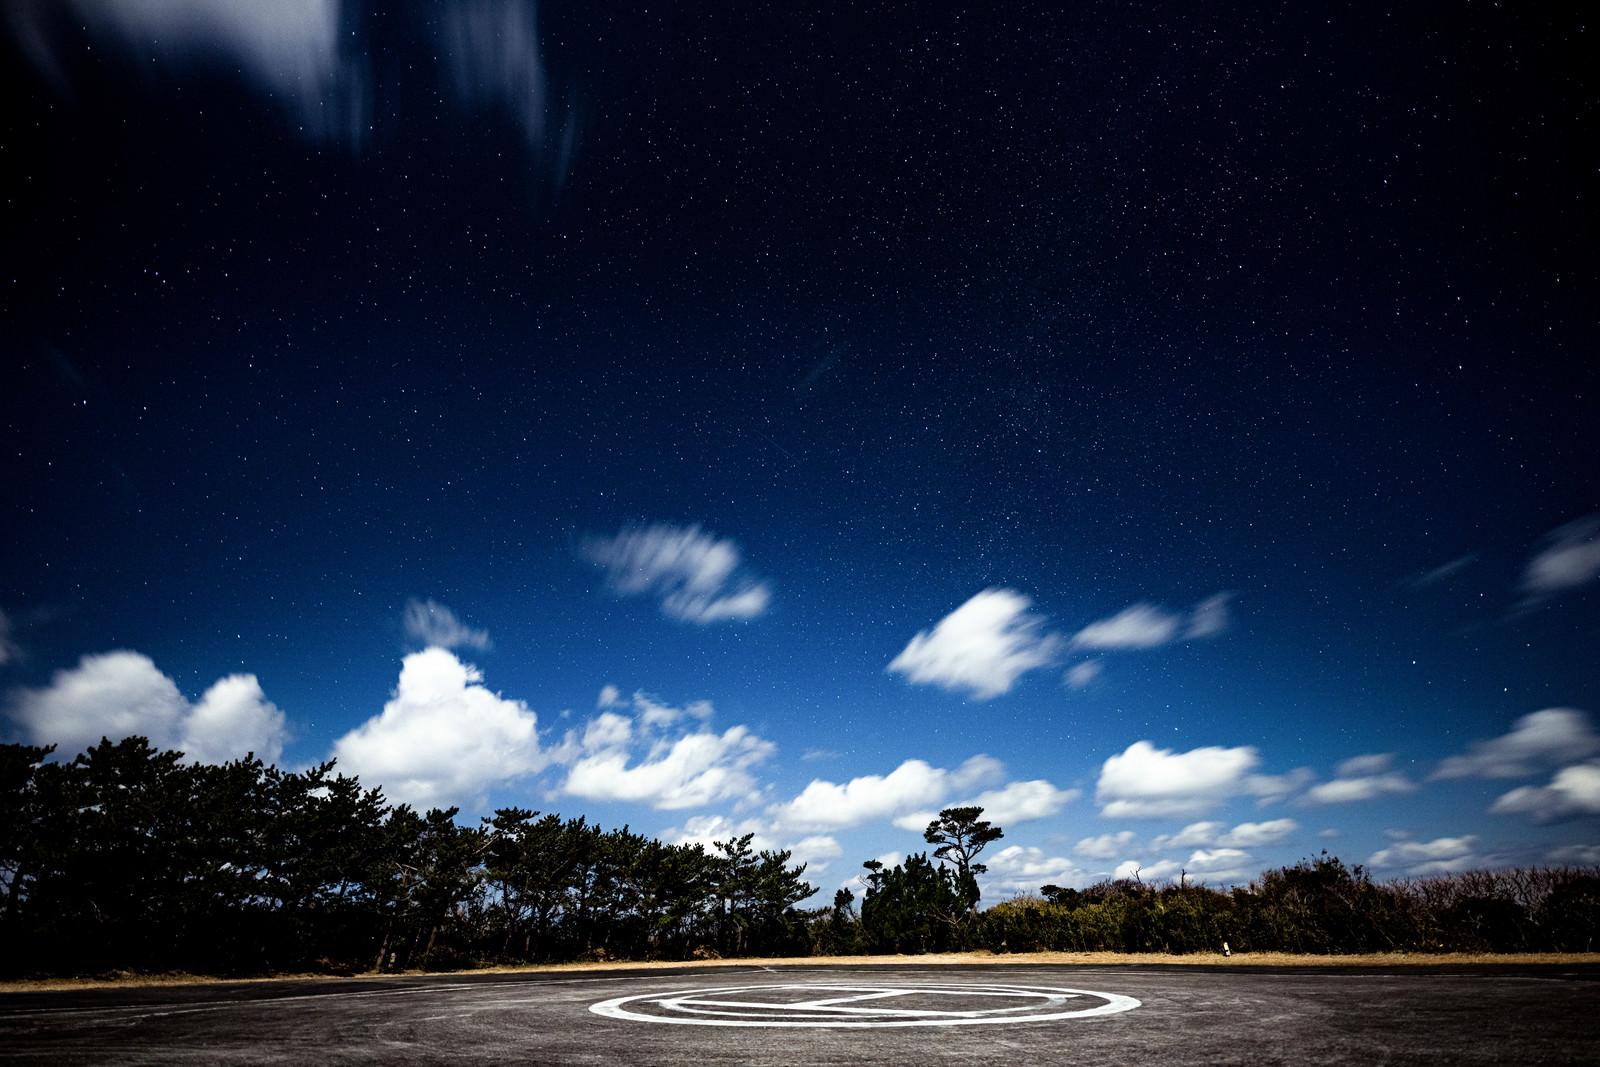 神津島ヘリポート場から見える星空のフリー素材